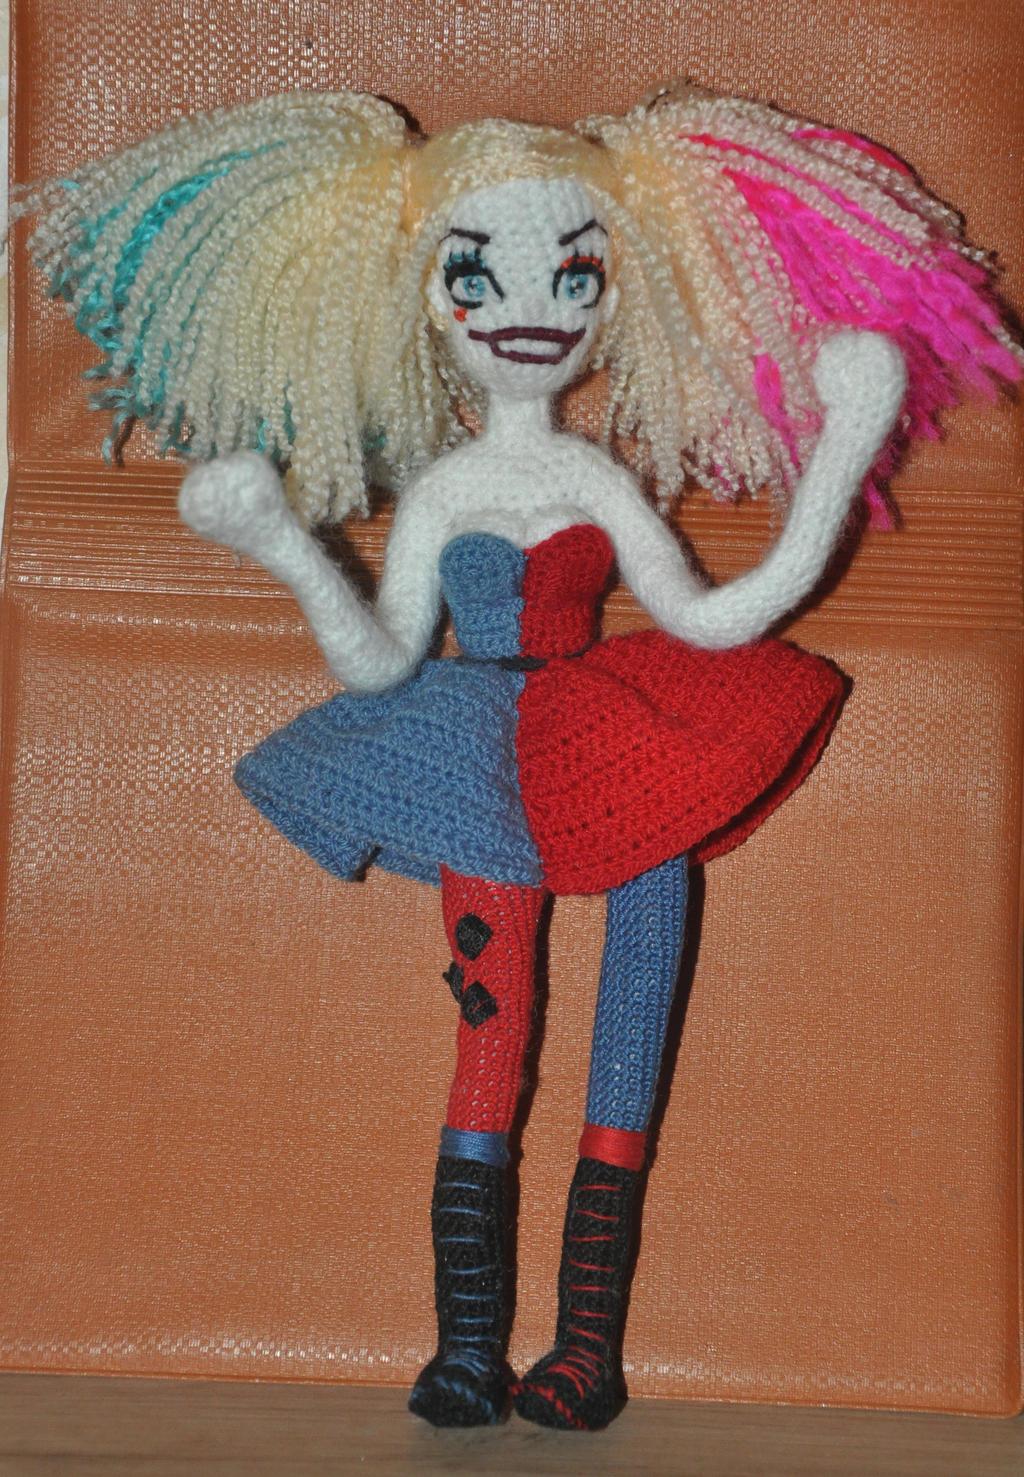 Amigurumi Harley Quinn : Amigurumi Harley Quinn by Faurik on DeviantArt